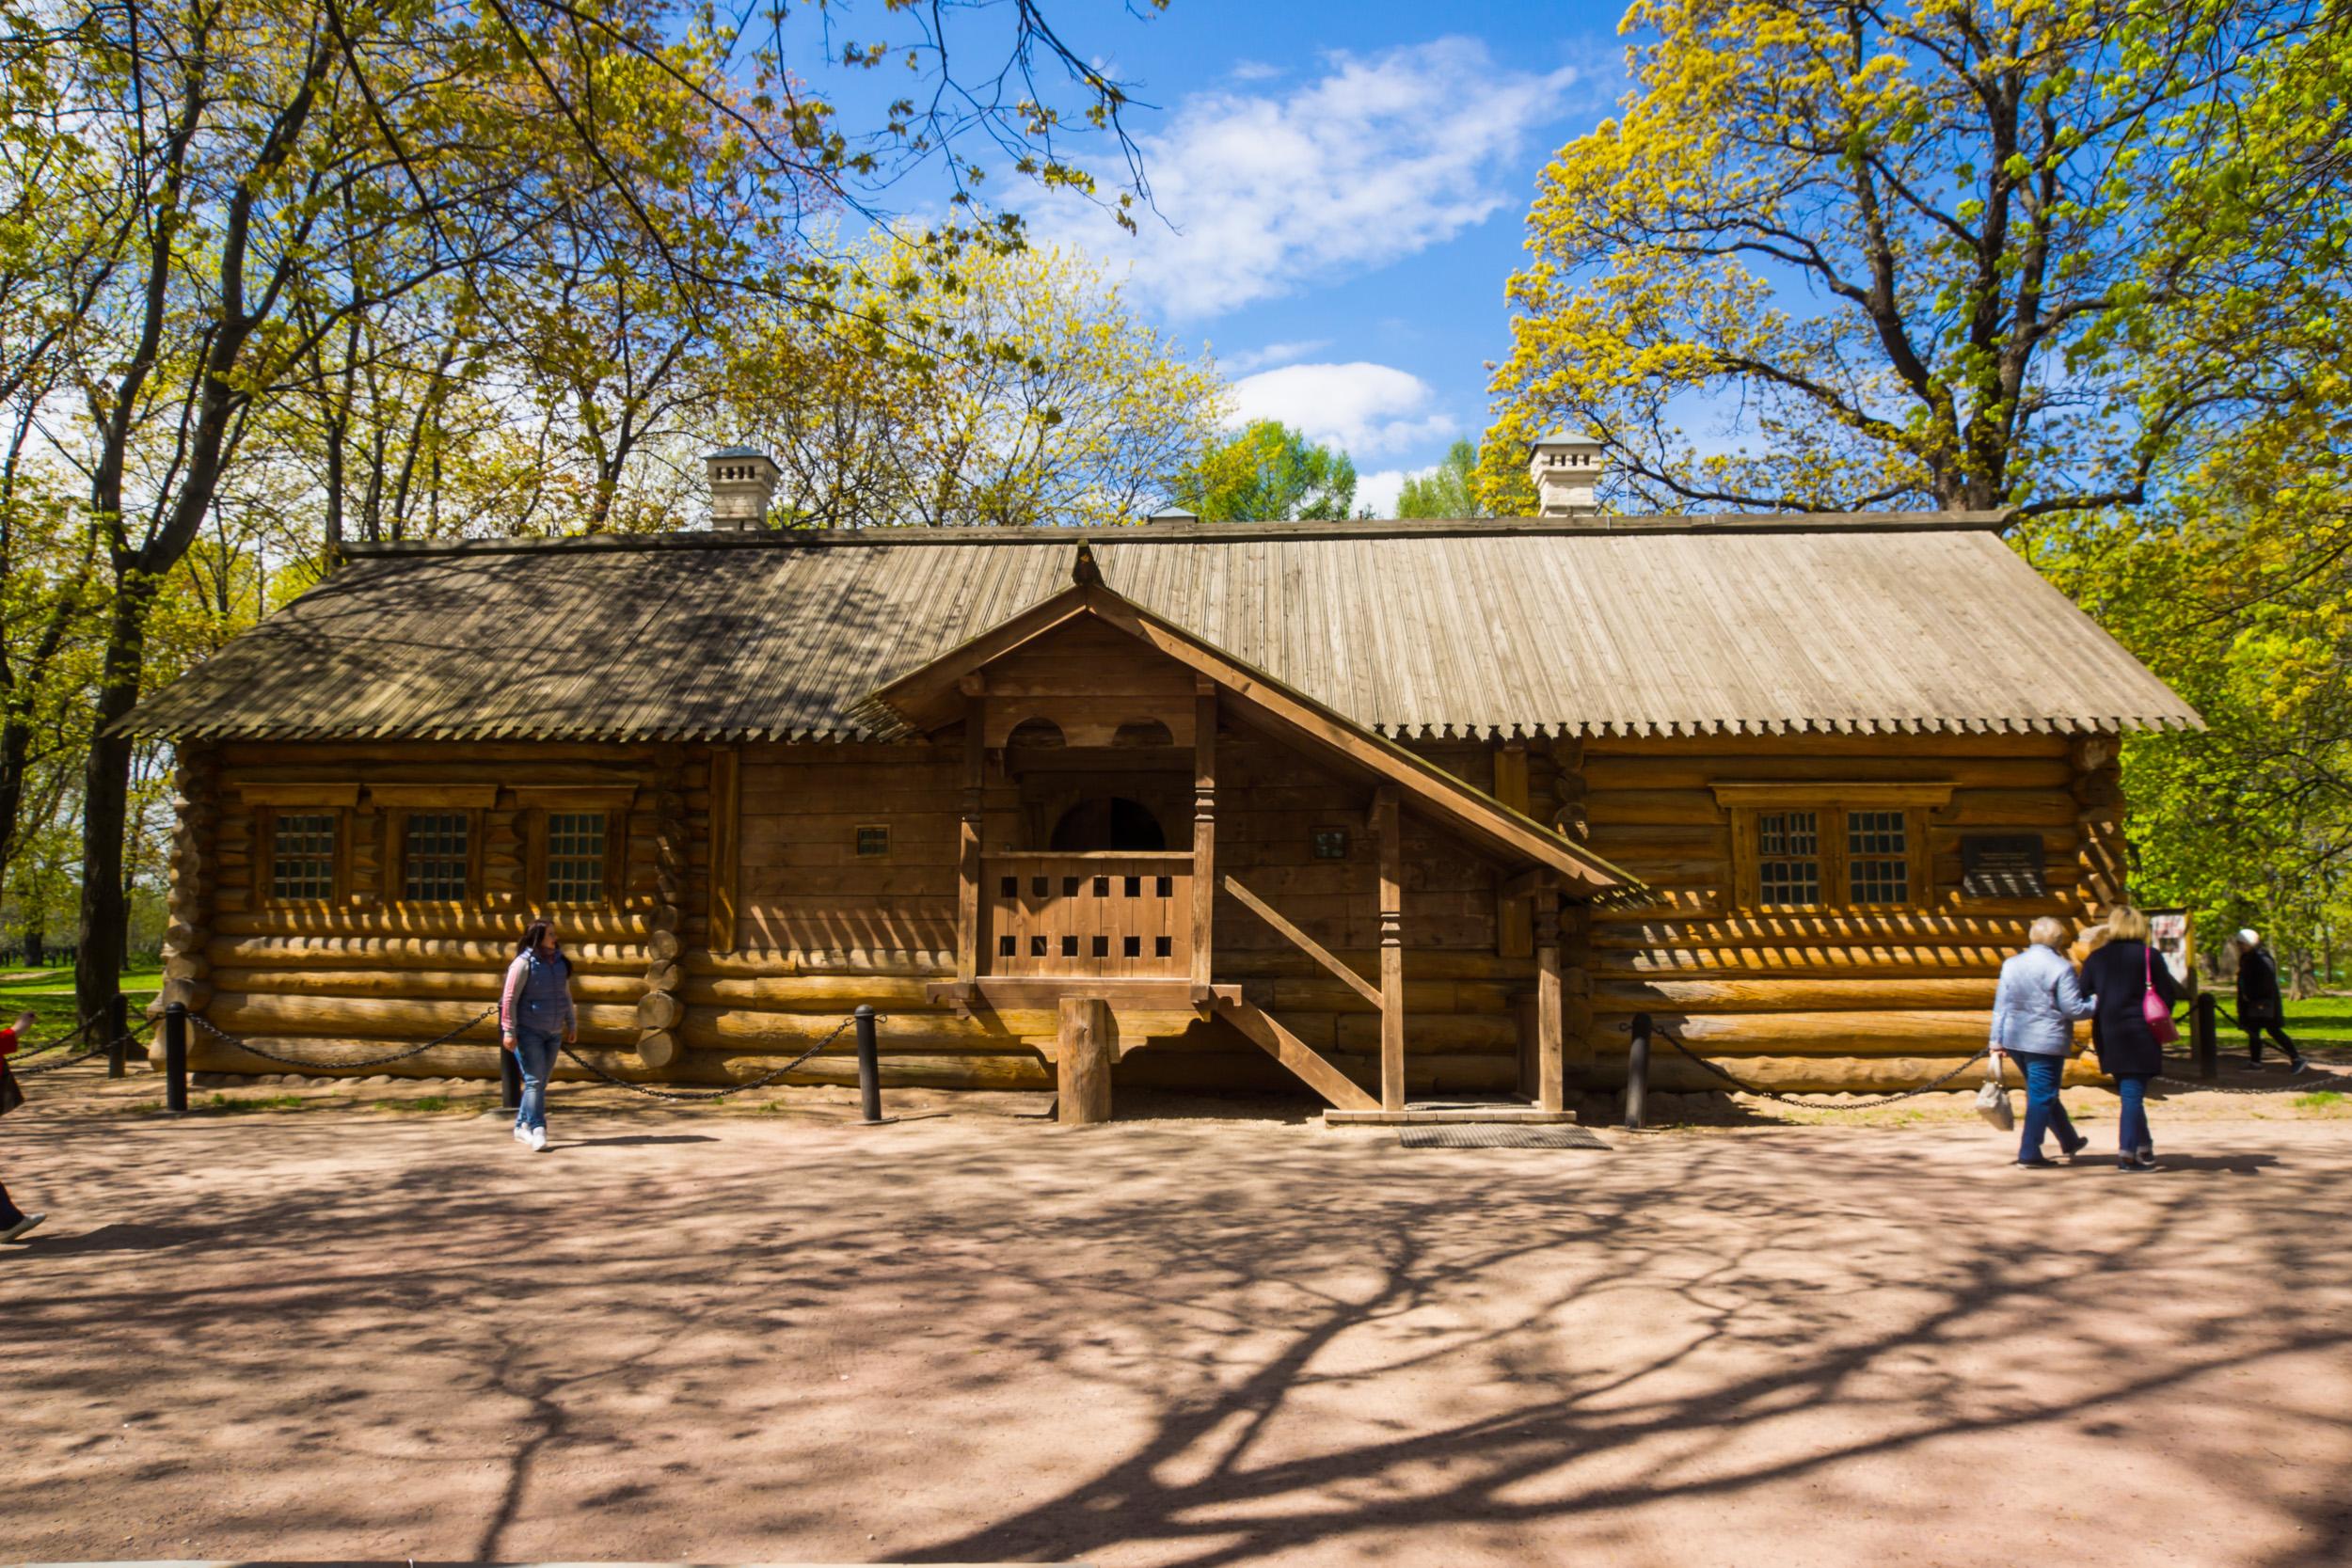 Бревенчатый домик Петра 1 - построен в 1702 году на острове Маркове. Перевезен в Коломенское 1934 году.